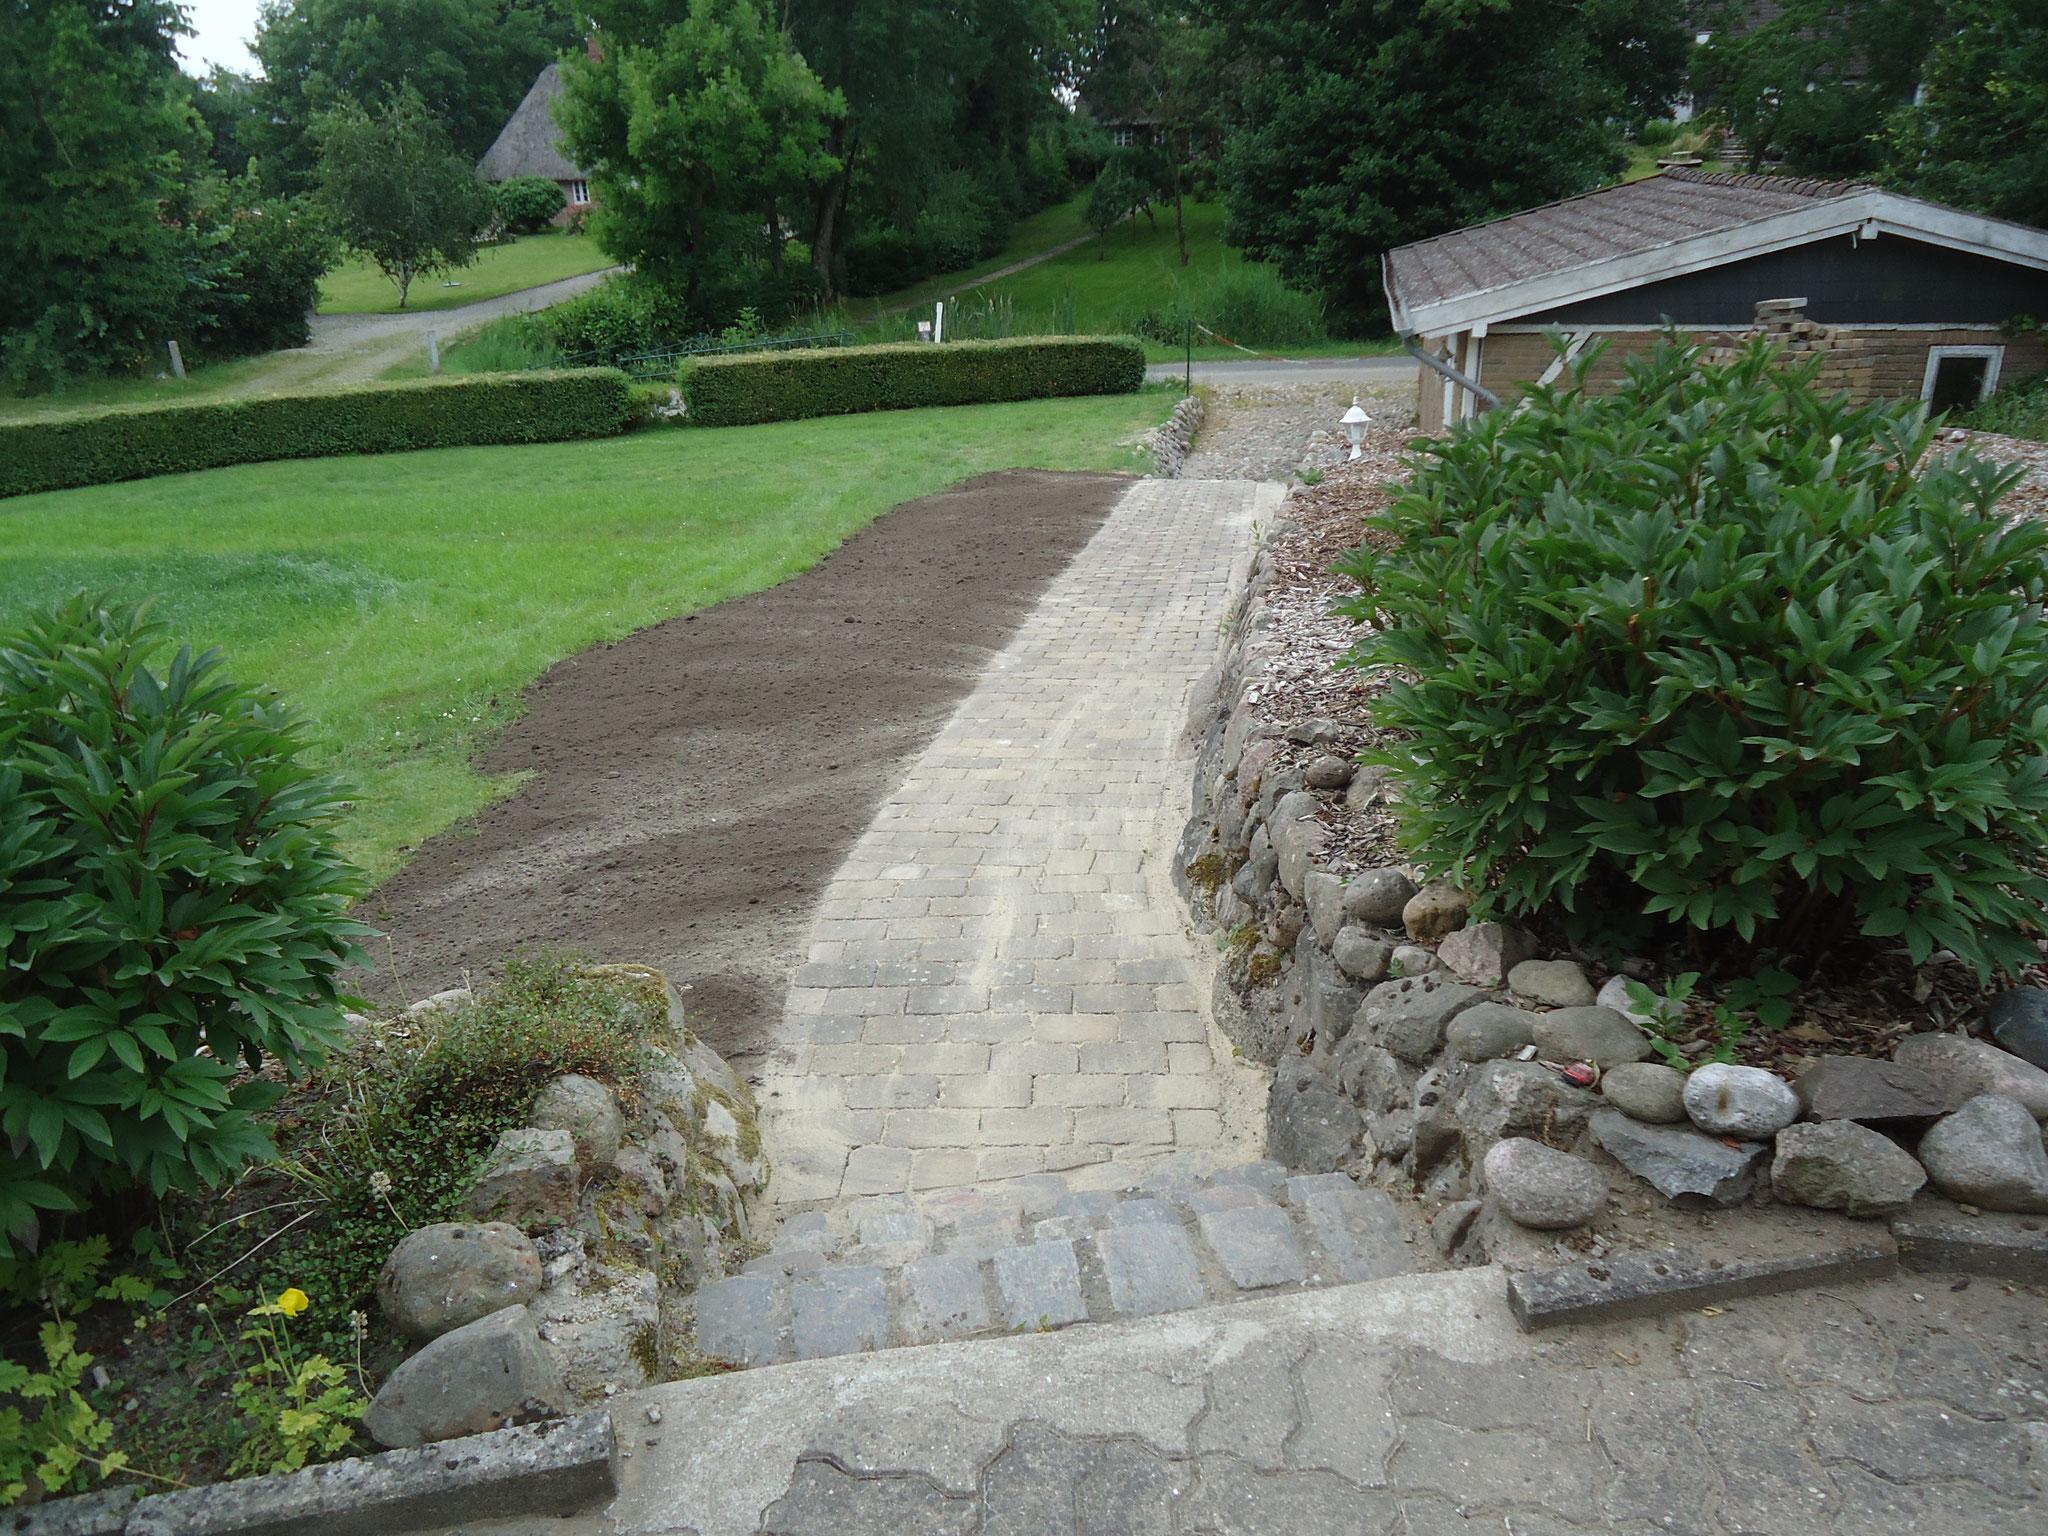 Mit einem Teil der Steine konnte der Weg vom Schuppen zum Hintereingang gepflastert werden.